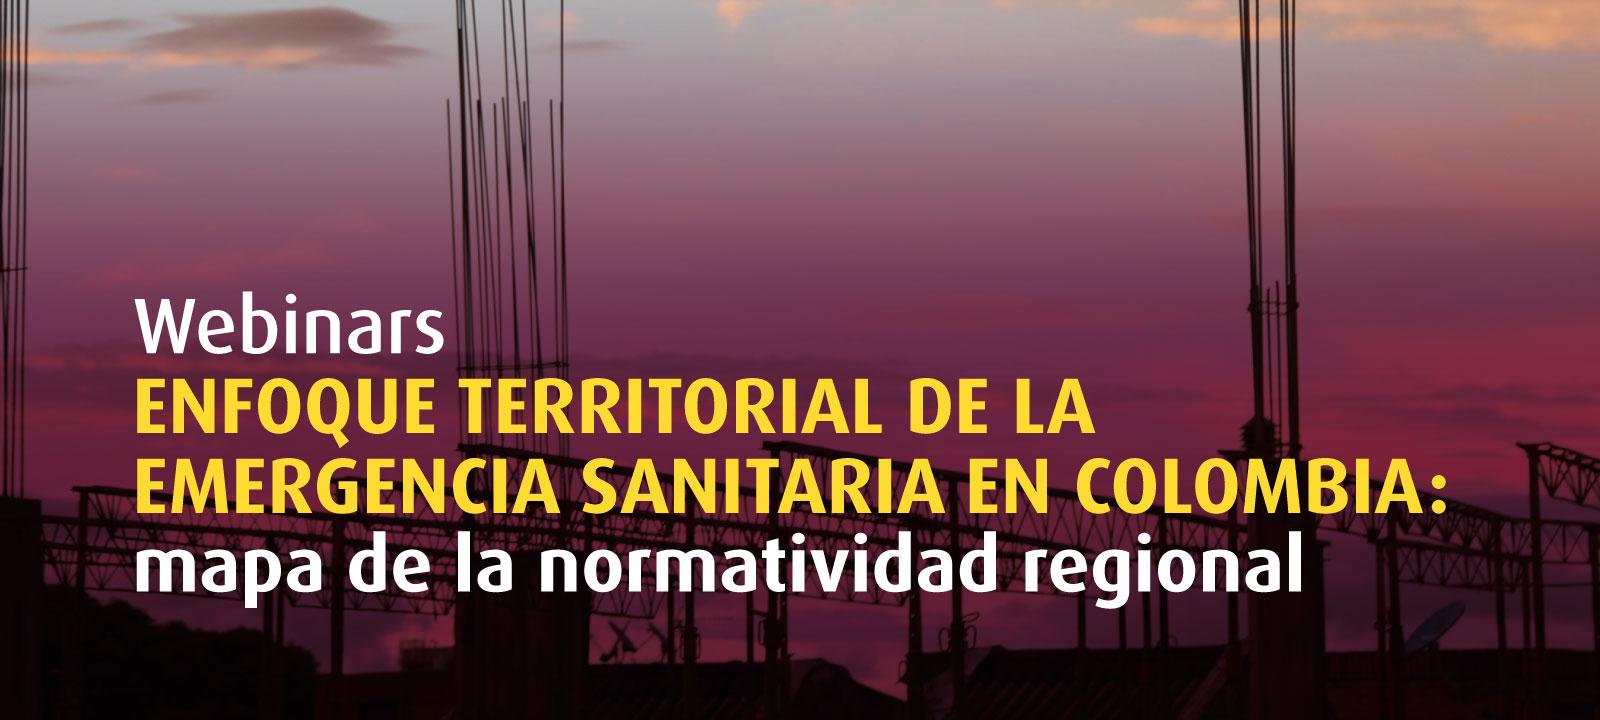 Enfoque territorial de la emergencia sanitaria en Colombia